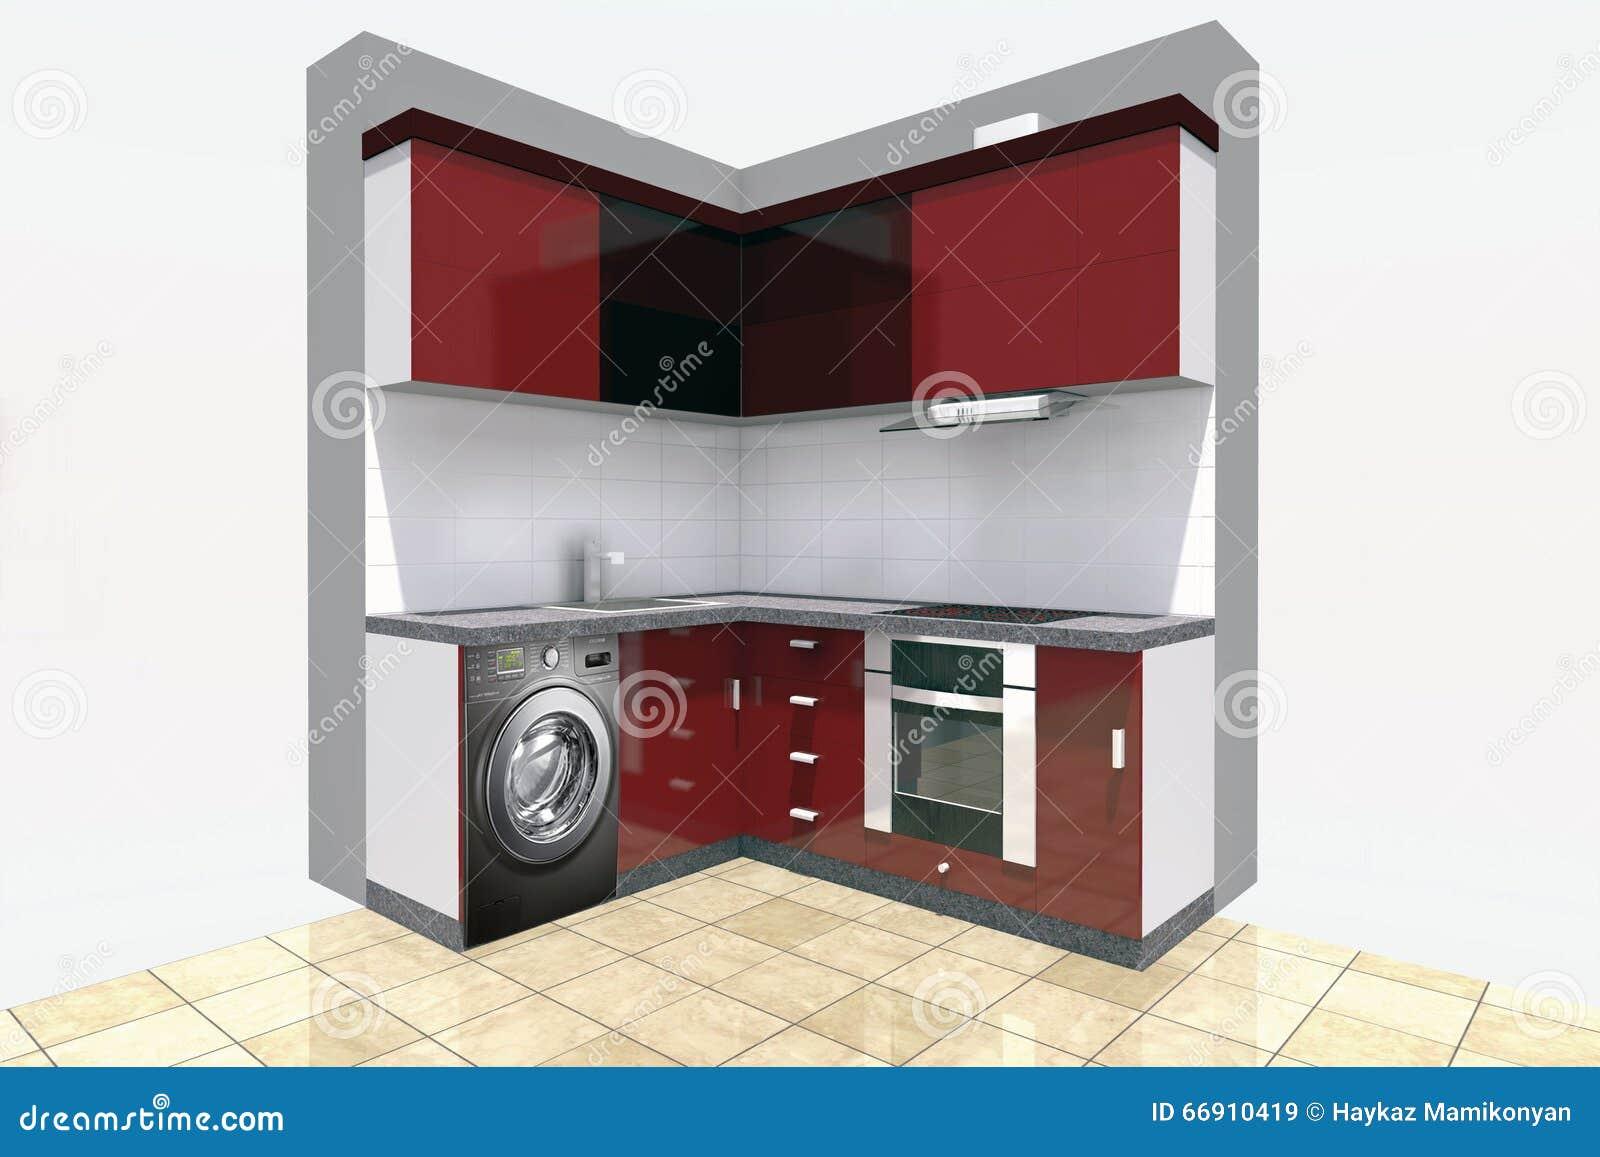 Conception de cuisine illustration stock illustration du architecte 66910419 - Conception de cuisine ...